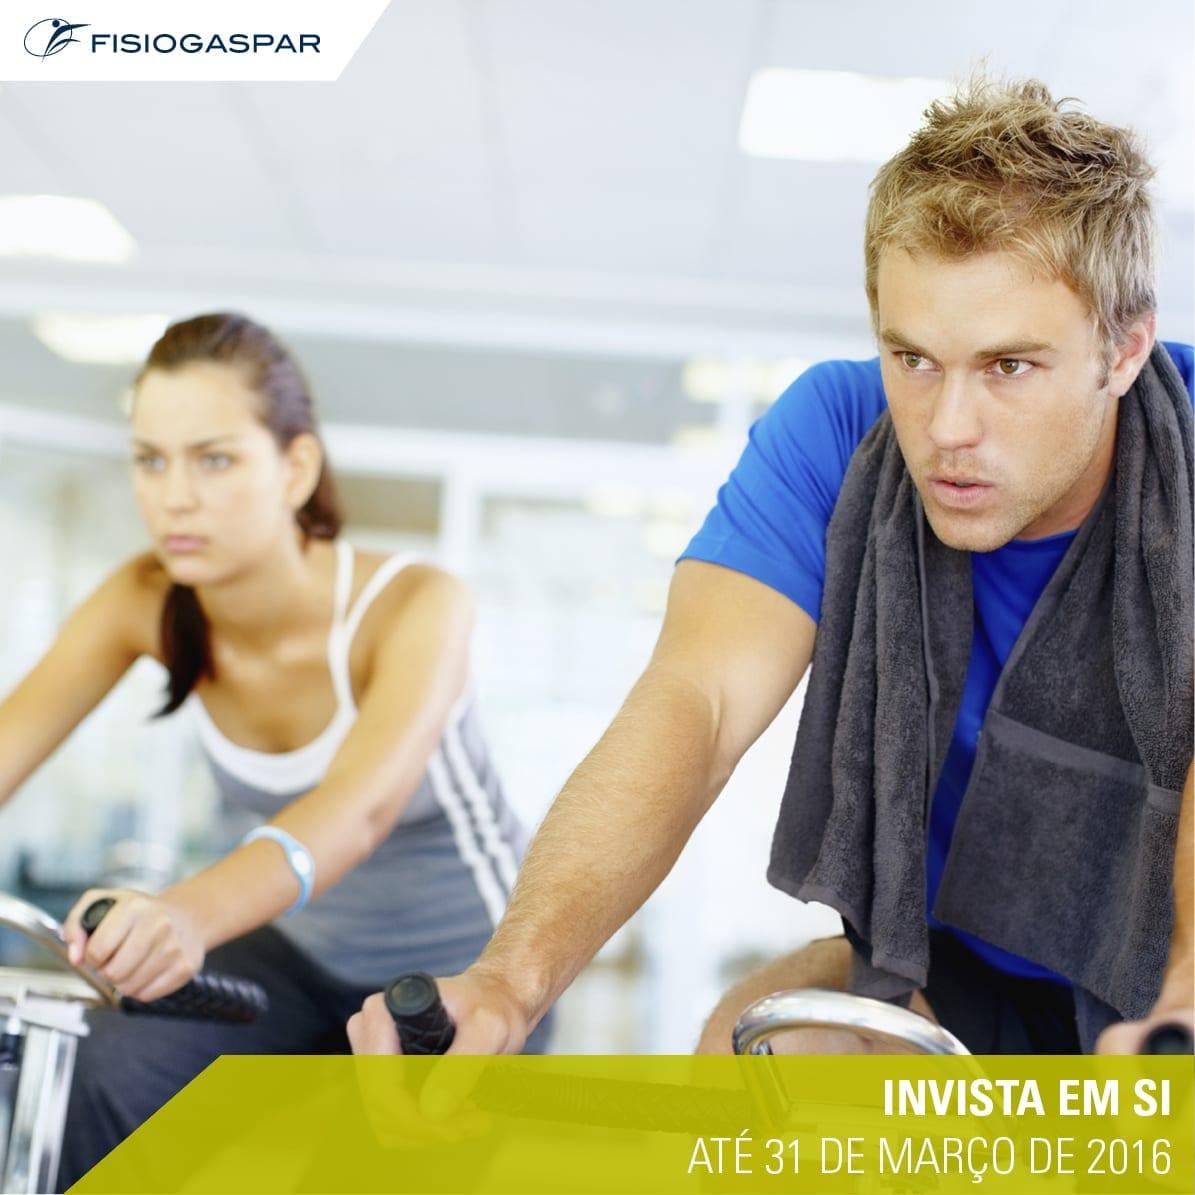 invista em si até 31 de marco 2016 treino ginásio